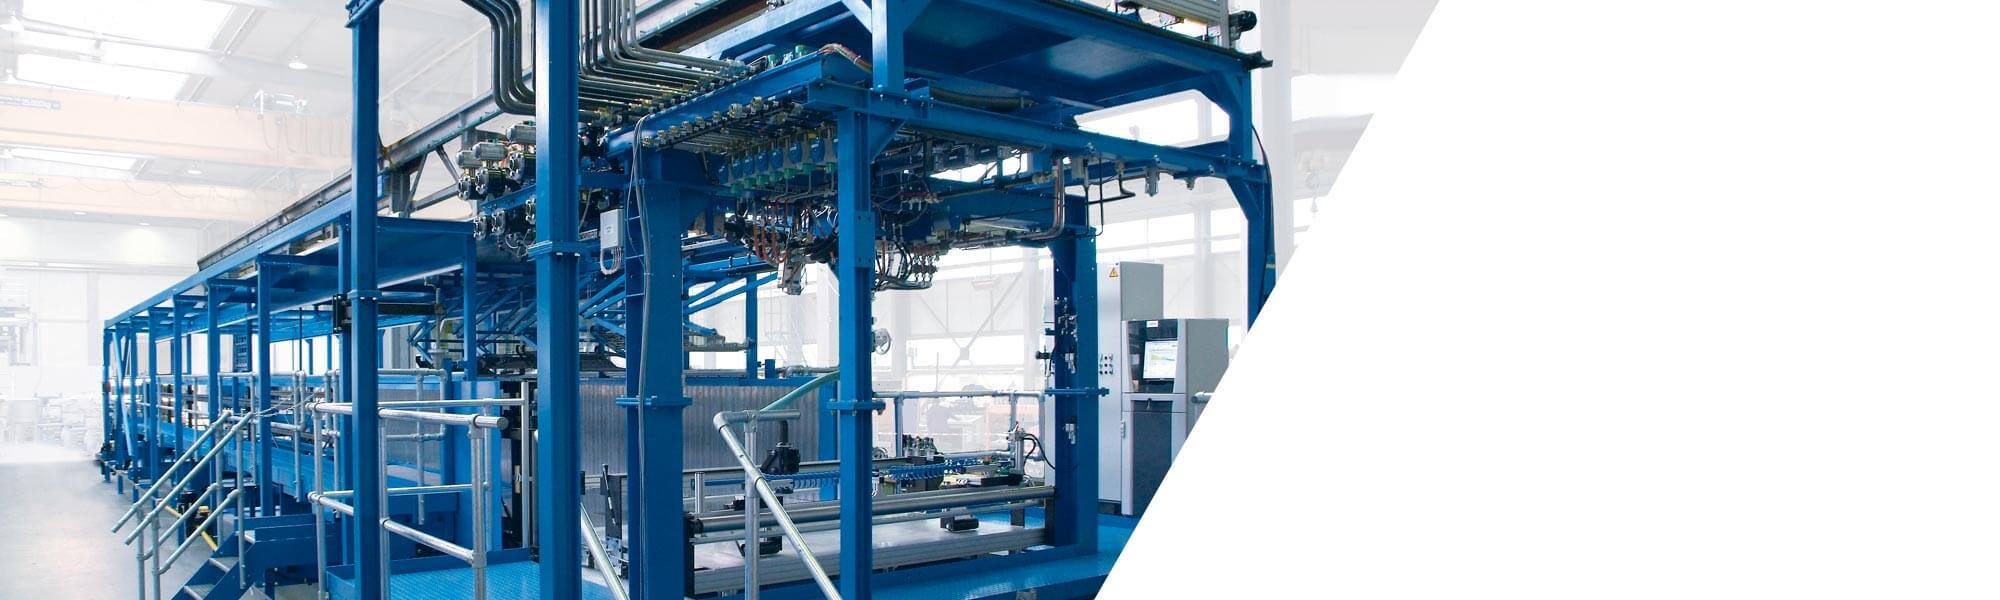 우수한 품질 연질 발포의 경비 효율적인 생산